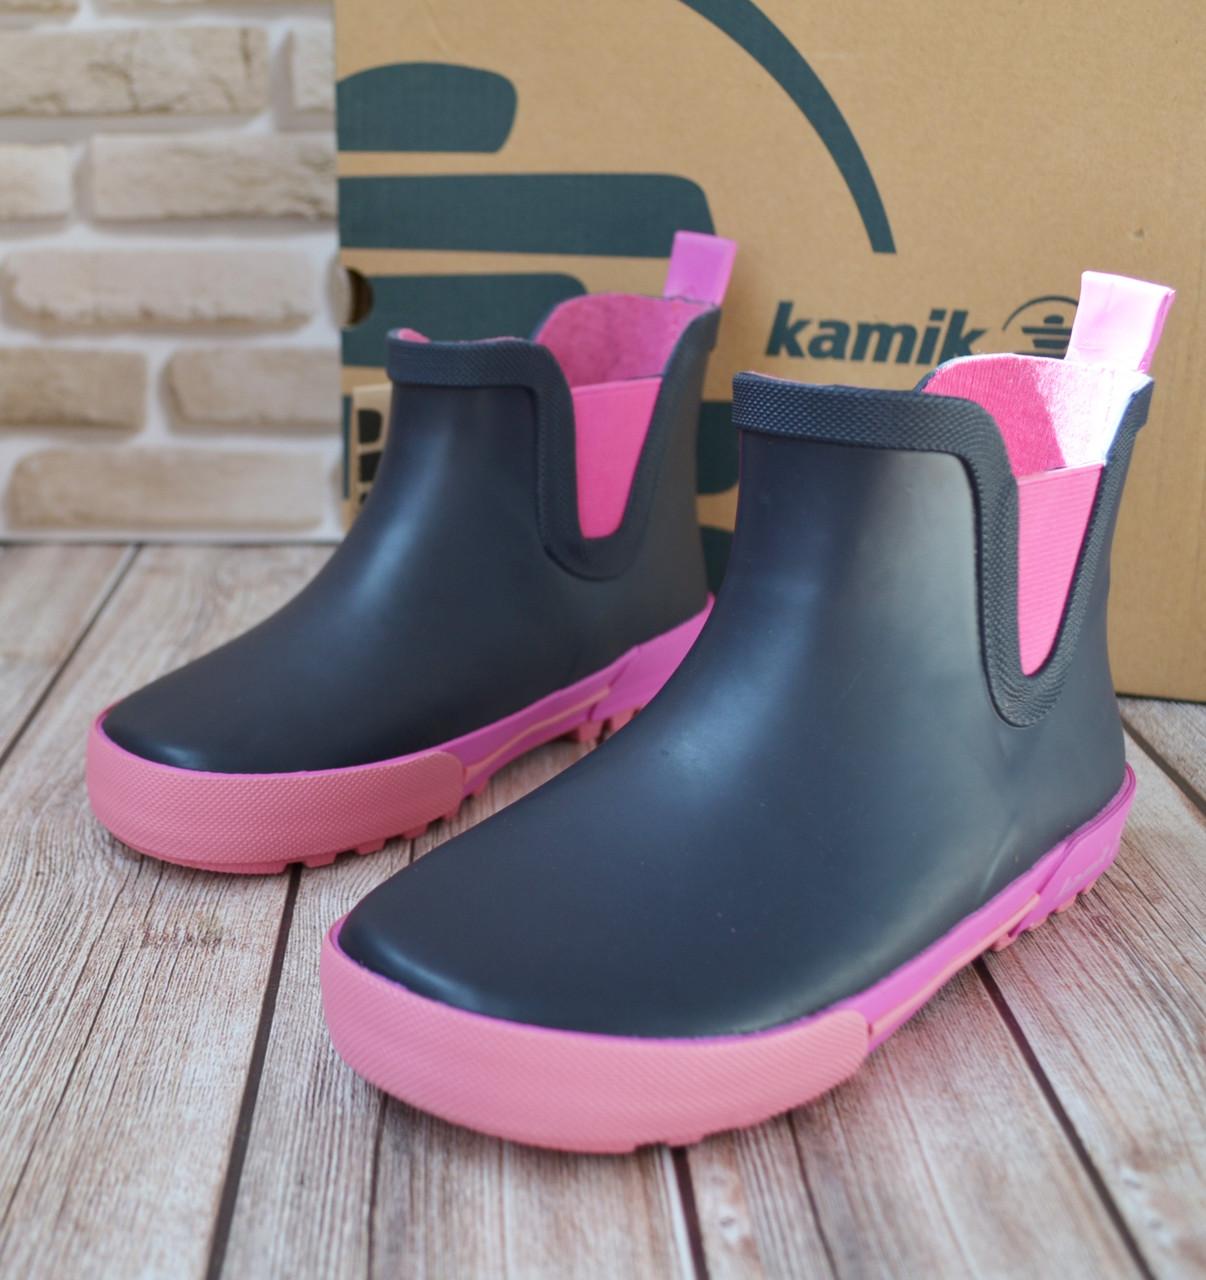 485d93e3a Резиновые ботинки для девочки KAMIK, р 30. Обувь на дождливую погоду. Брендовая  детская